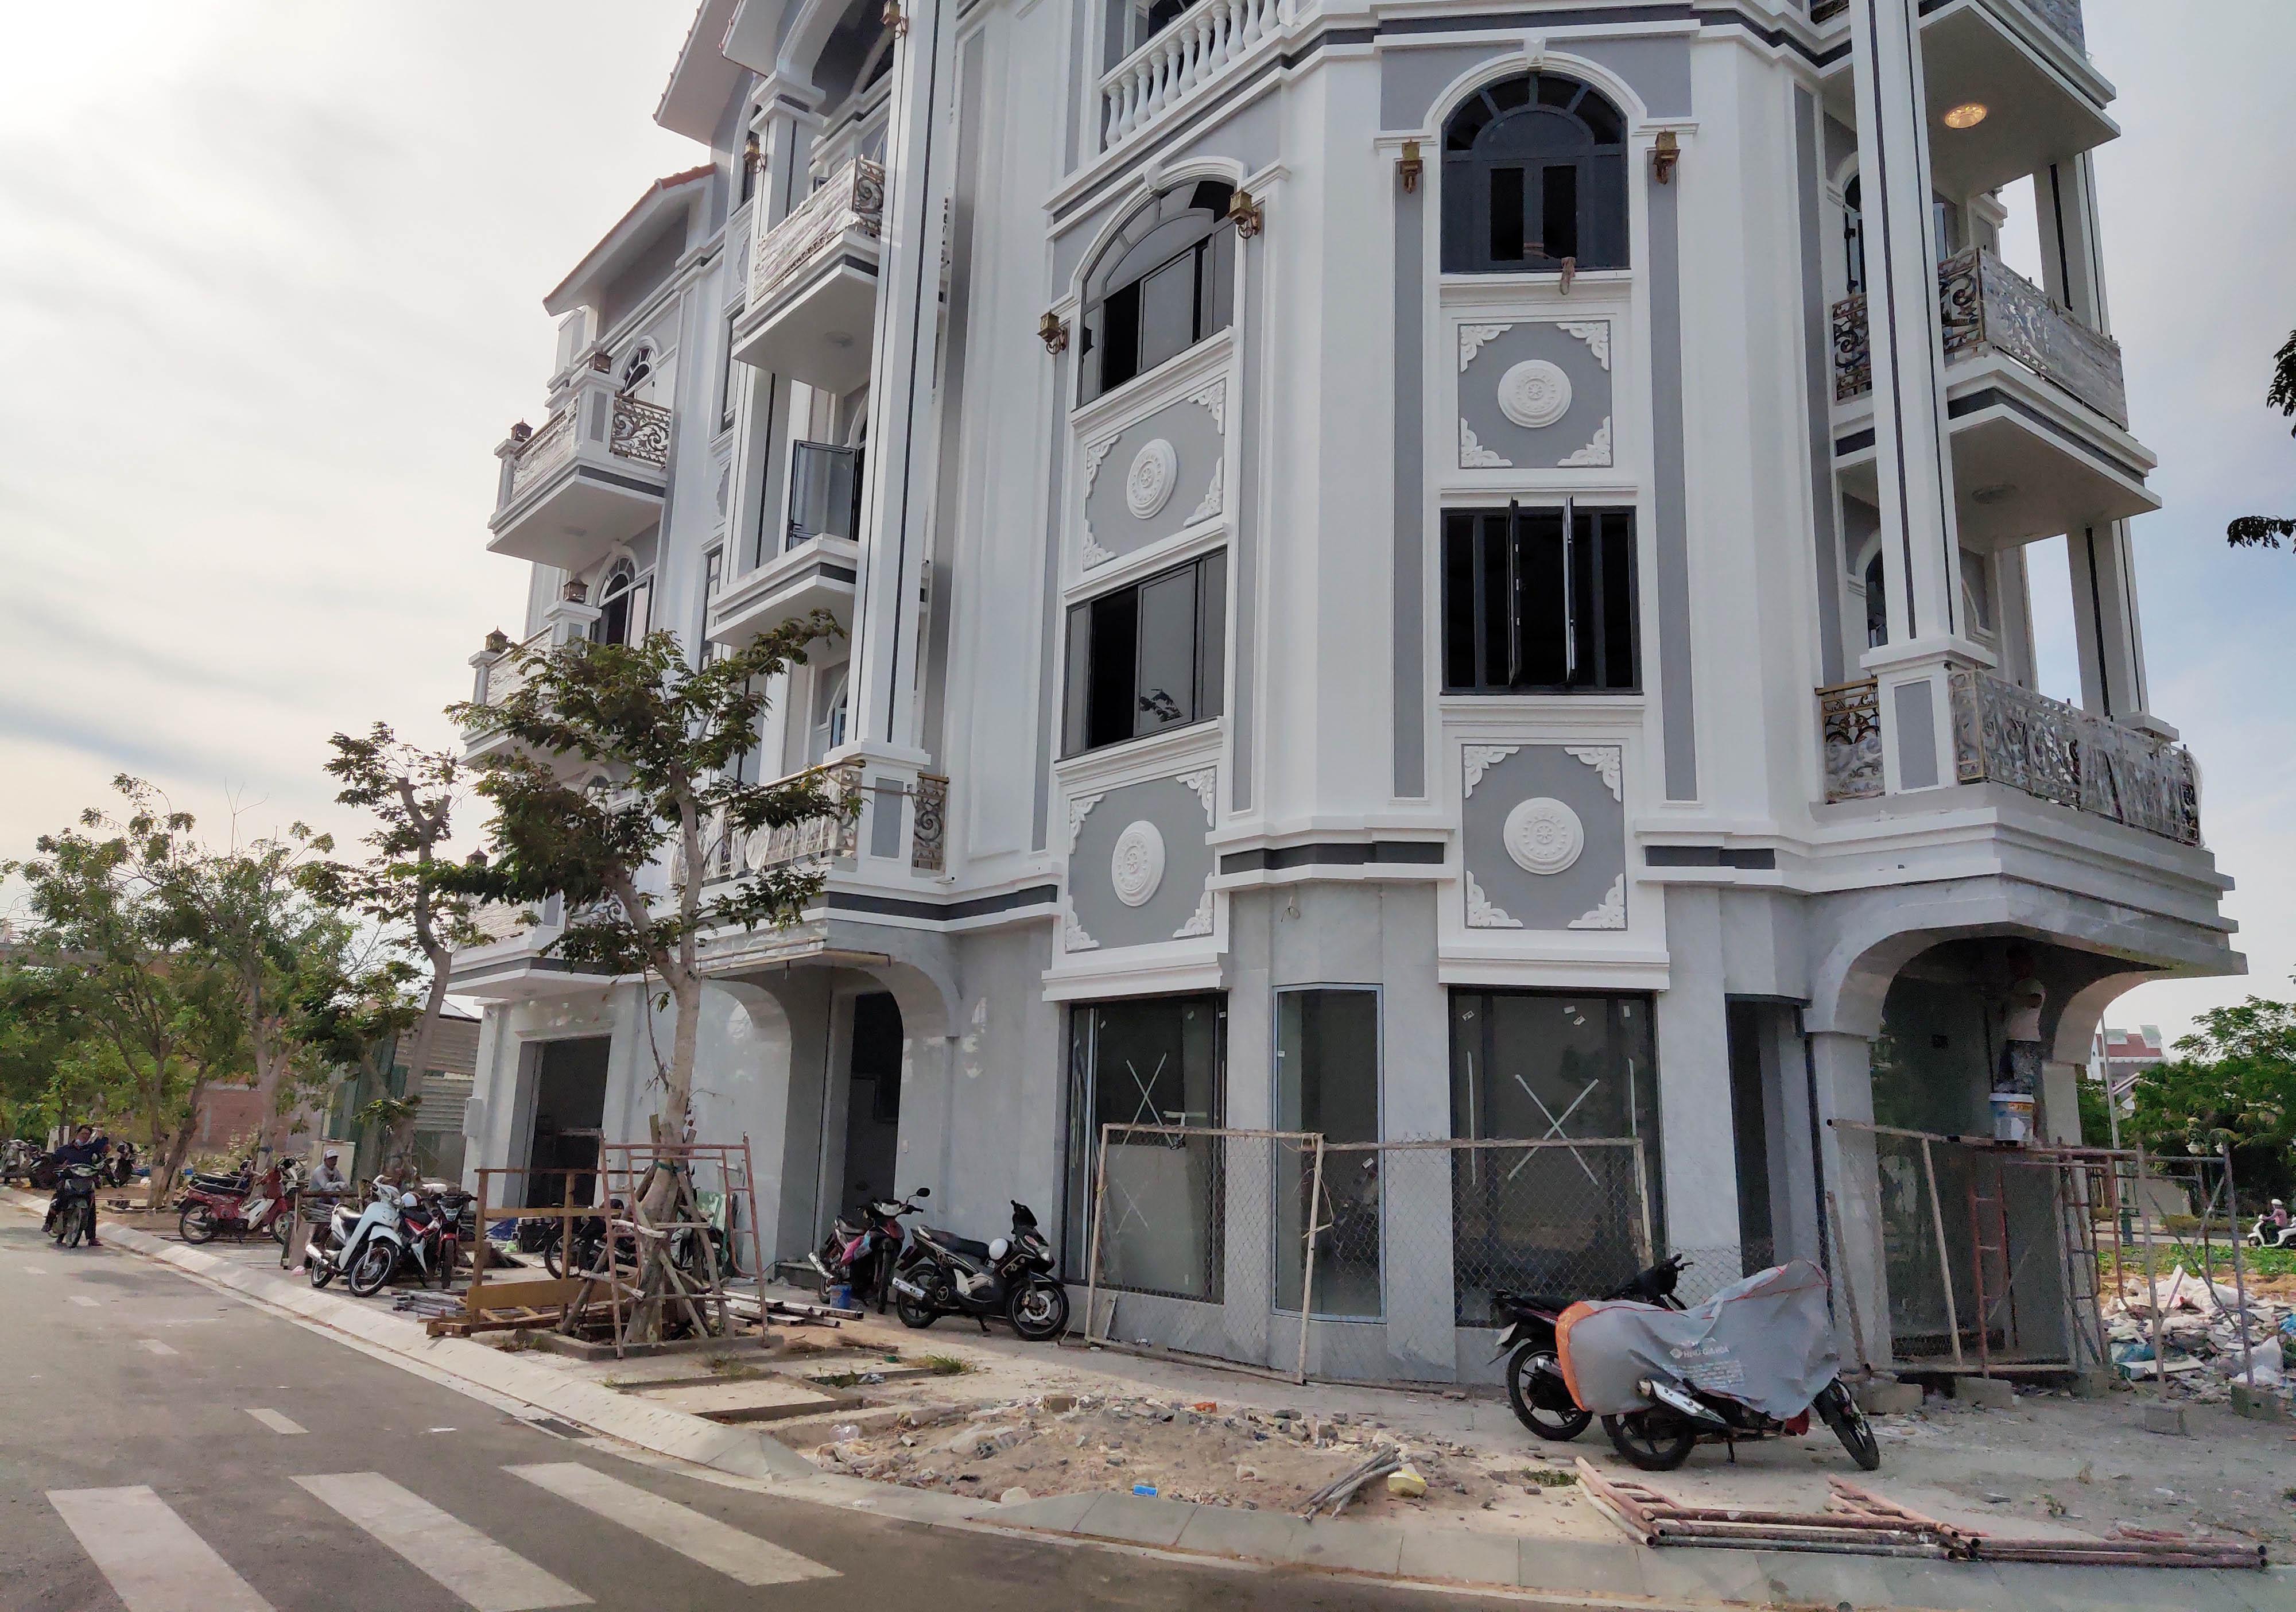 Dự án KĐT du lịch biển Phan Thiết có gì đặc biệt khiến Phó Thủ tướng chỉ đạo làm rõ hàng loạt nội dung - Ảnh 11.